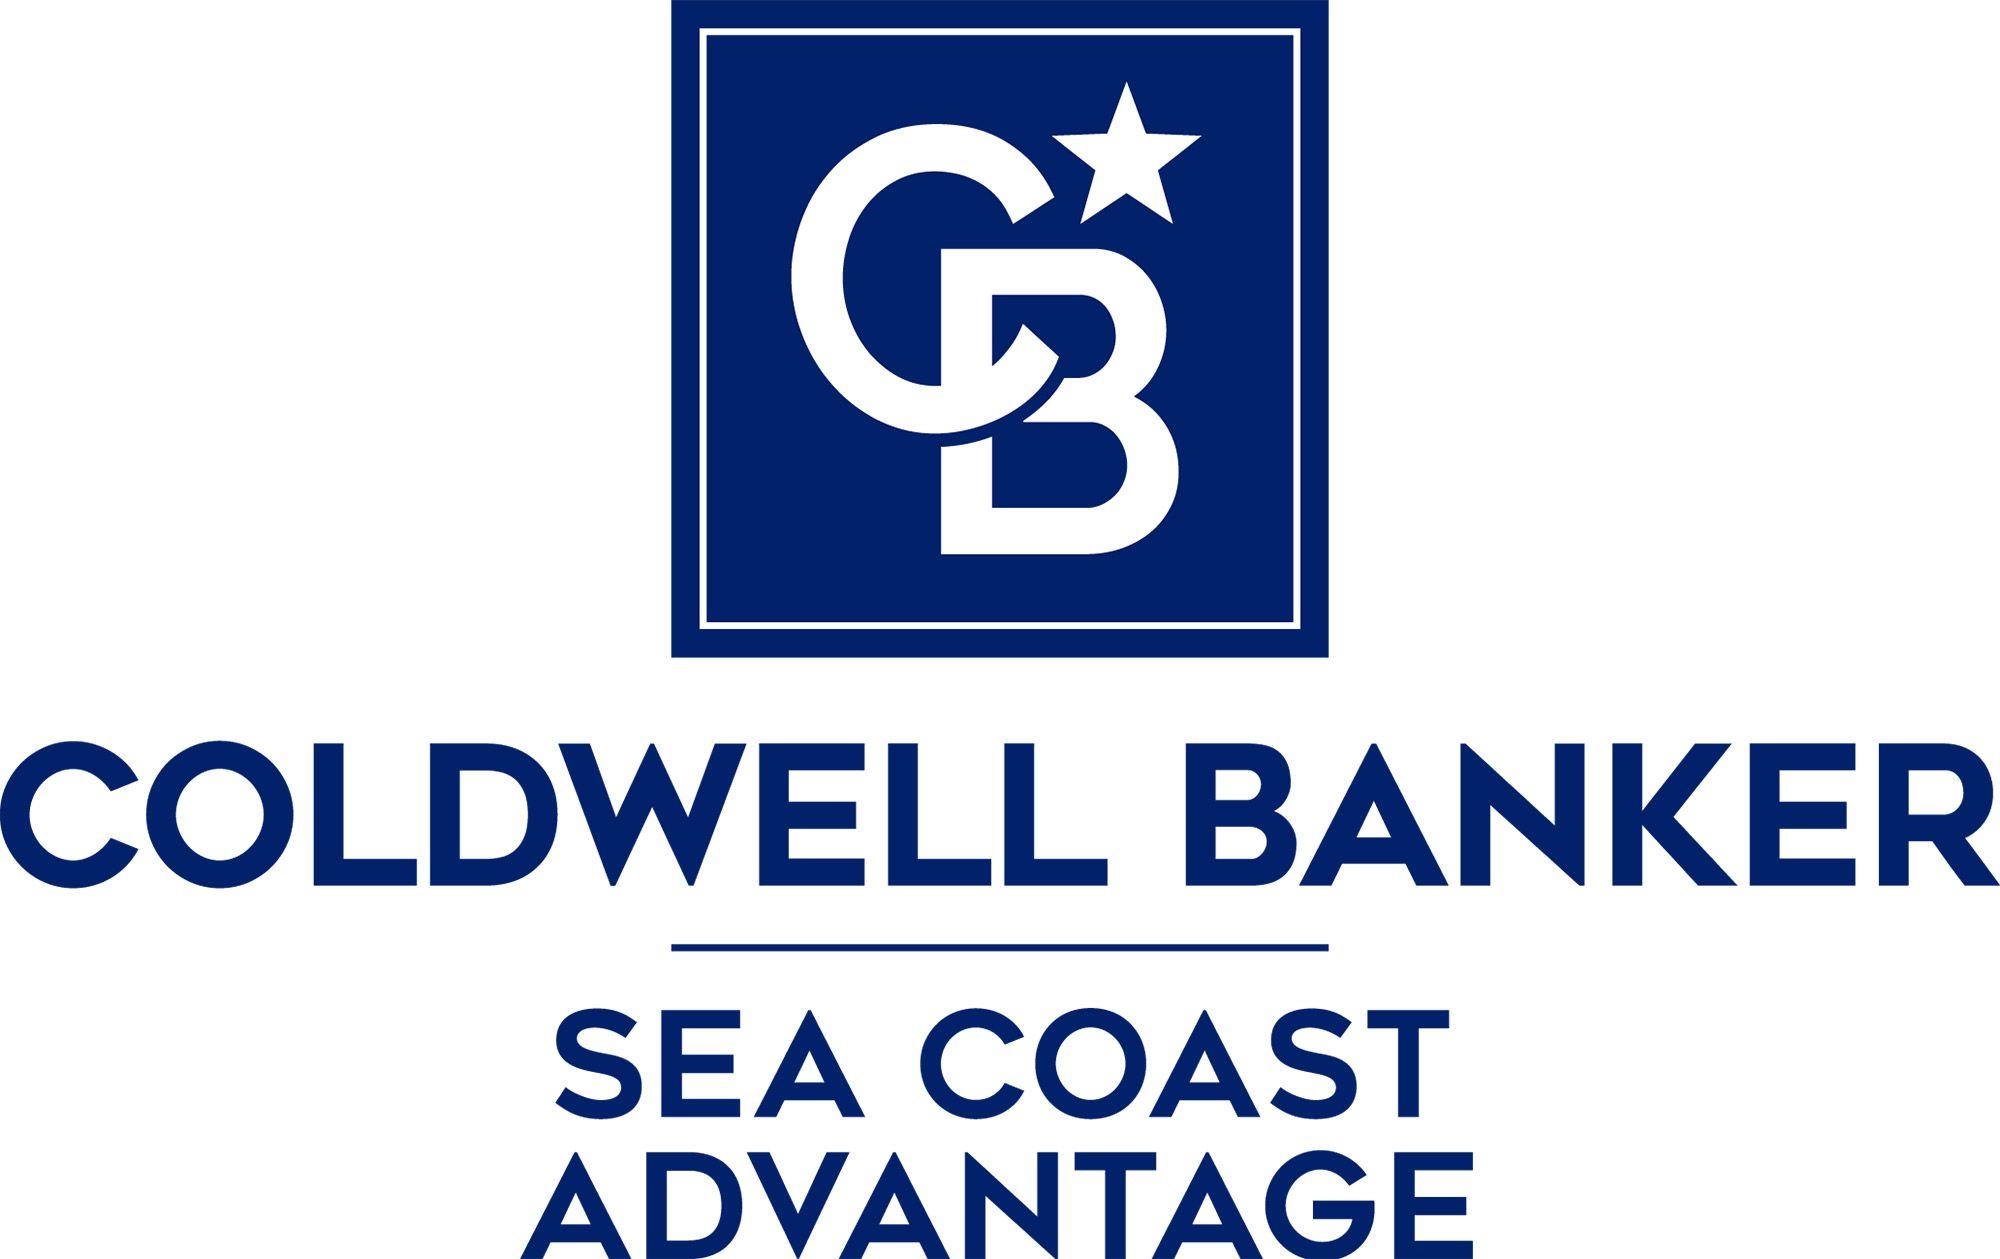 Sea Coast Advantage